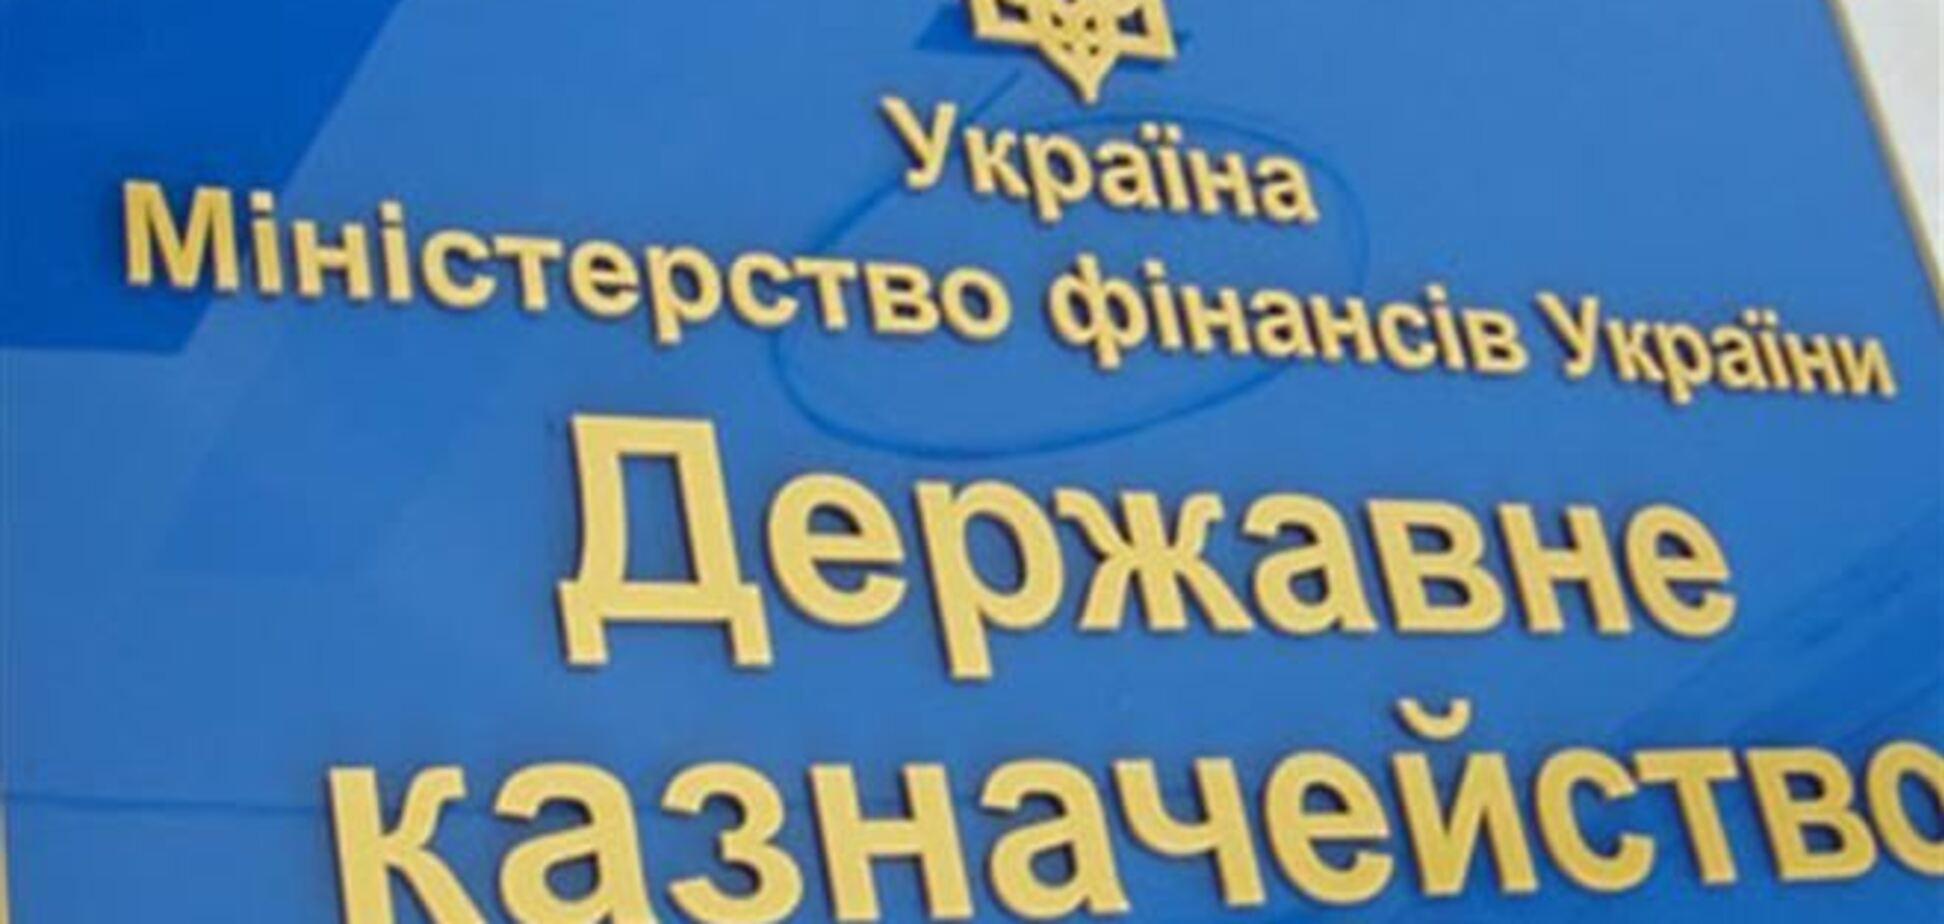 Глава Госказначейства Сергей Харченко подал в отставку